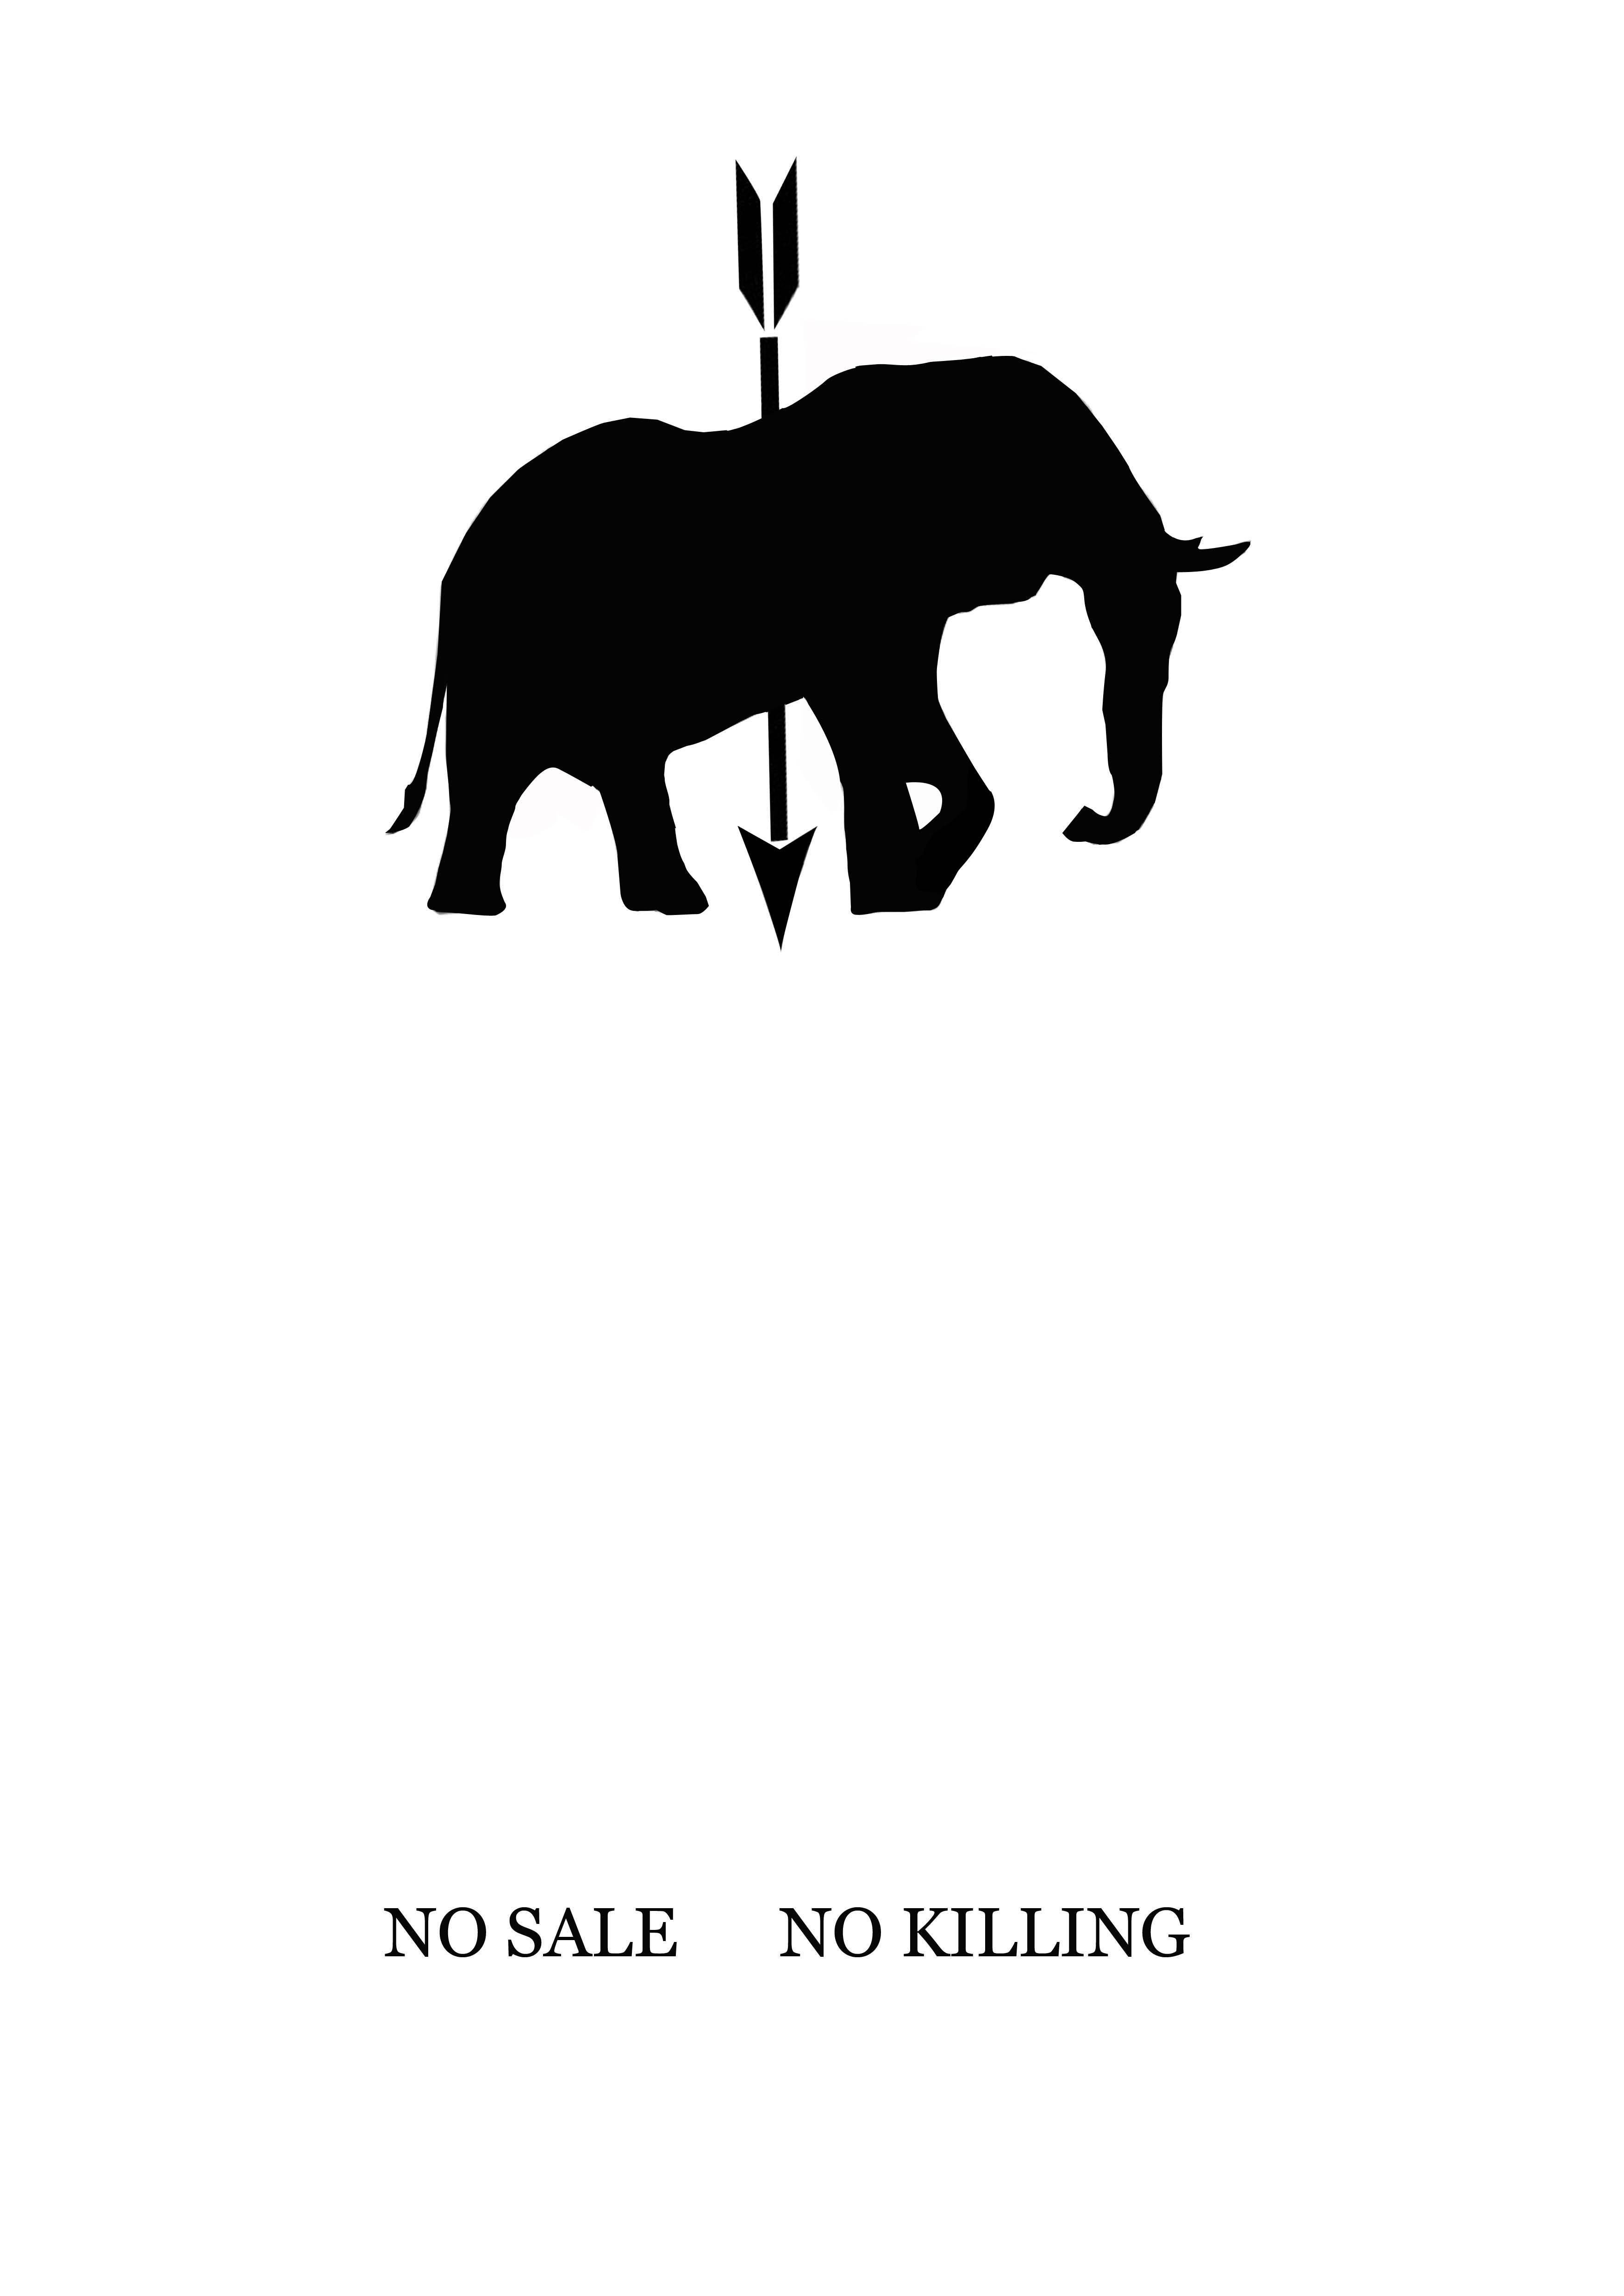 公益广告海报图片